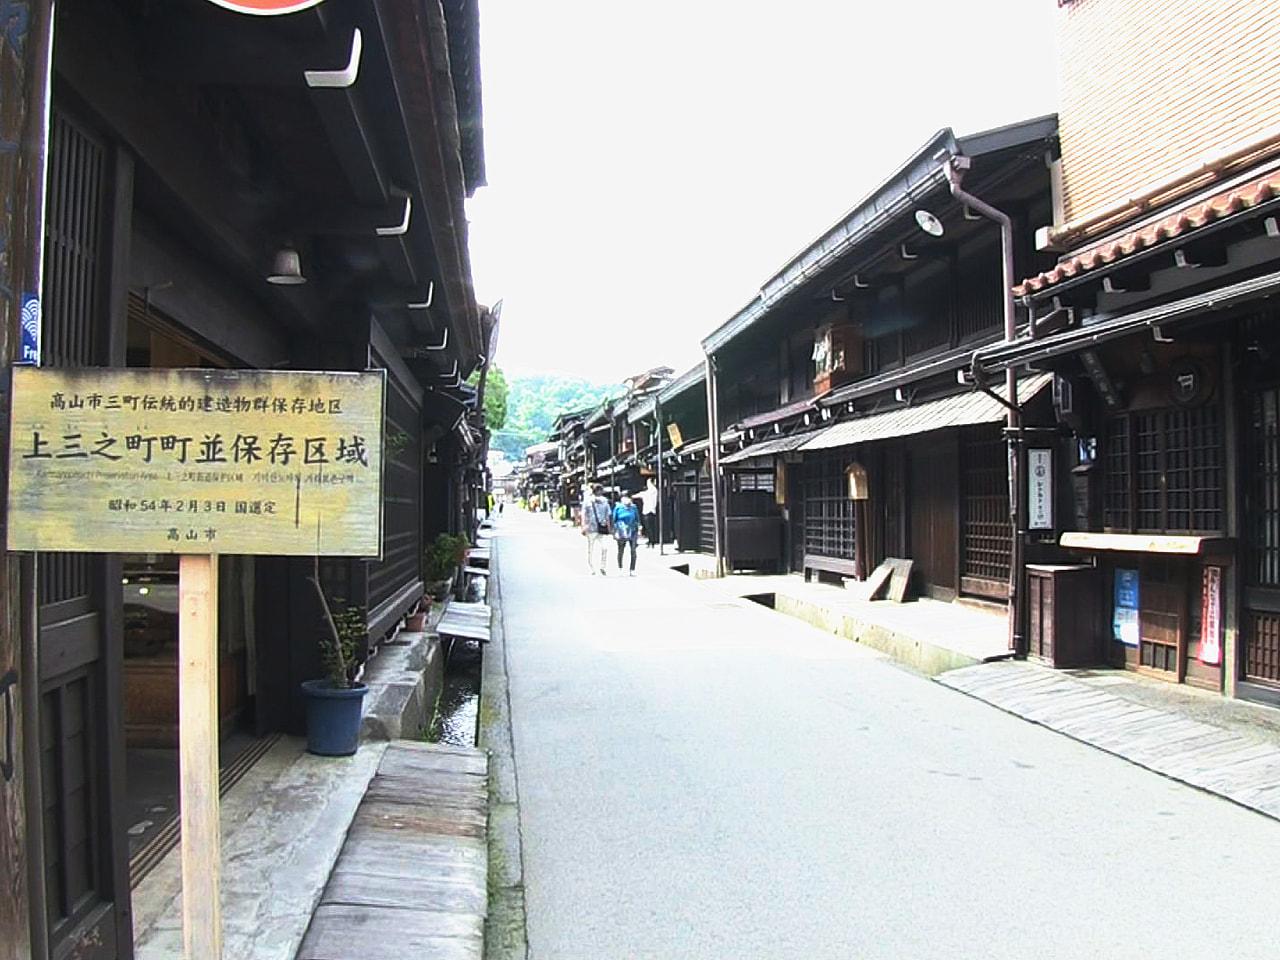 相続税などを算定する際の基準となる2021年の路線価が公表され、岐阜県内約500...